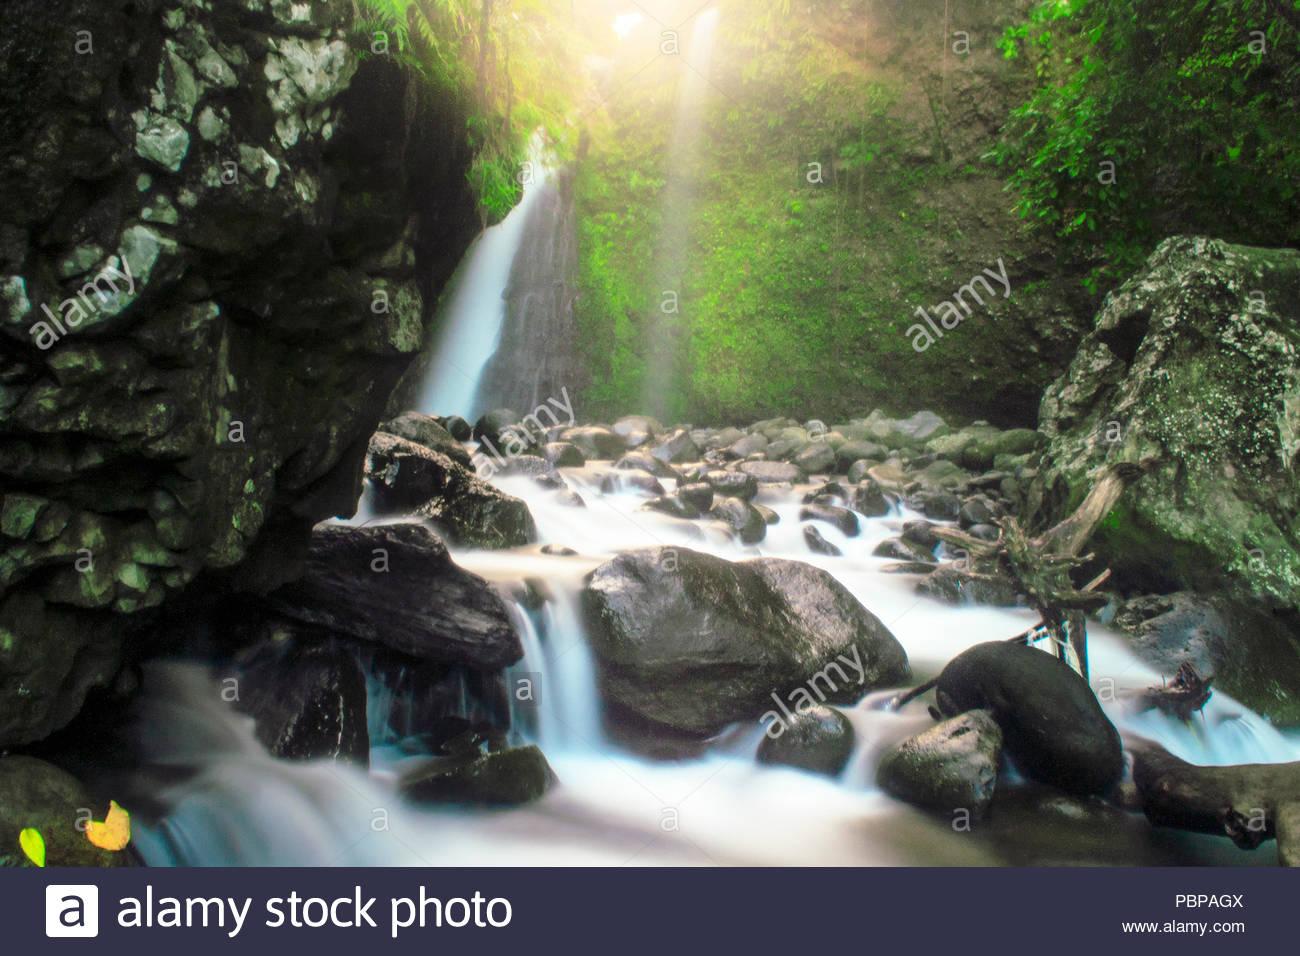 morning waterfalls light - Stock Image